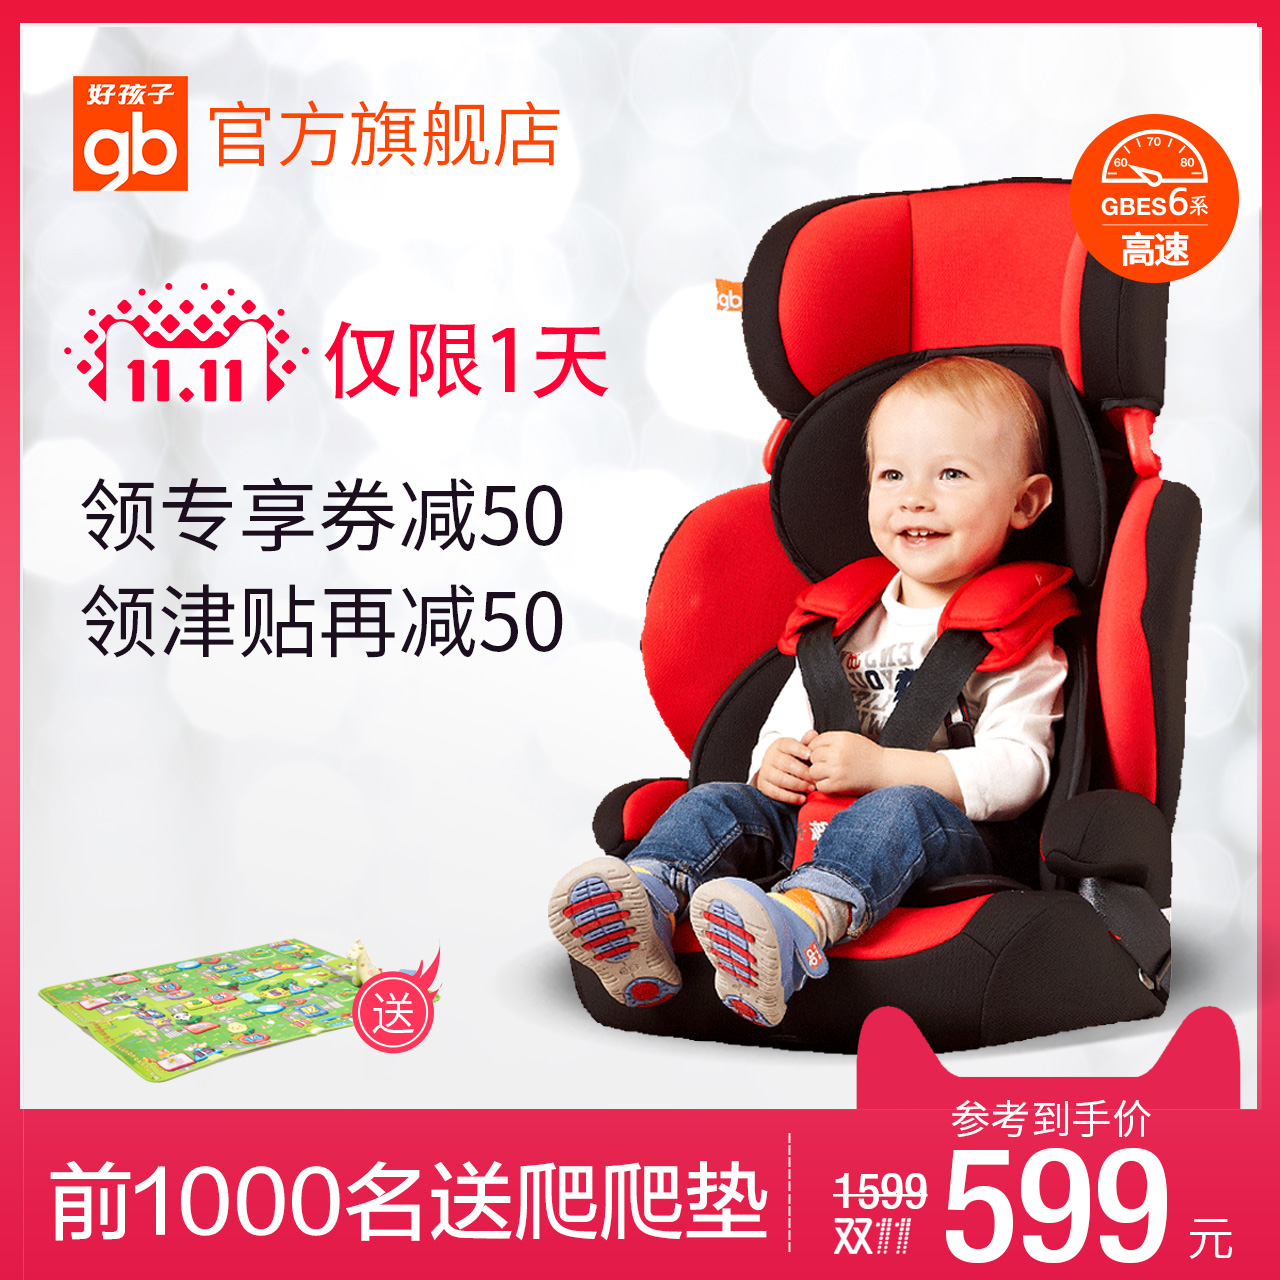 Хорошо дети высокоскоростной автомобиль ребенок безопасность сиденье автомобиль использование ребенок безопасность сиденье CS619